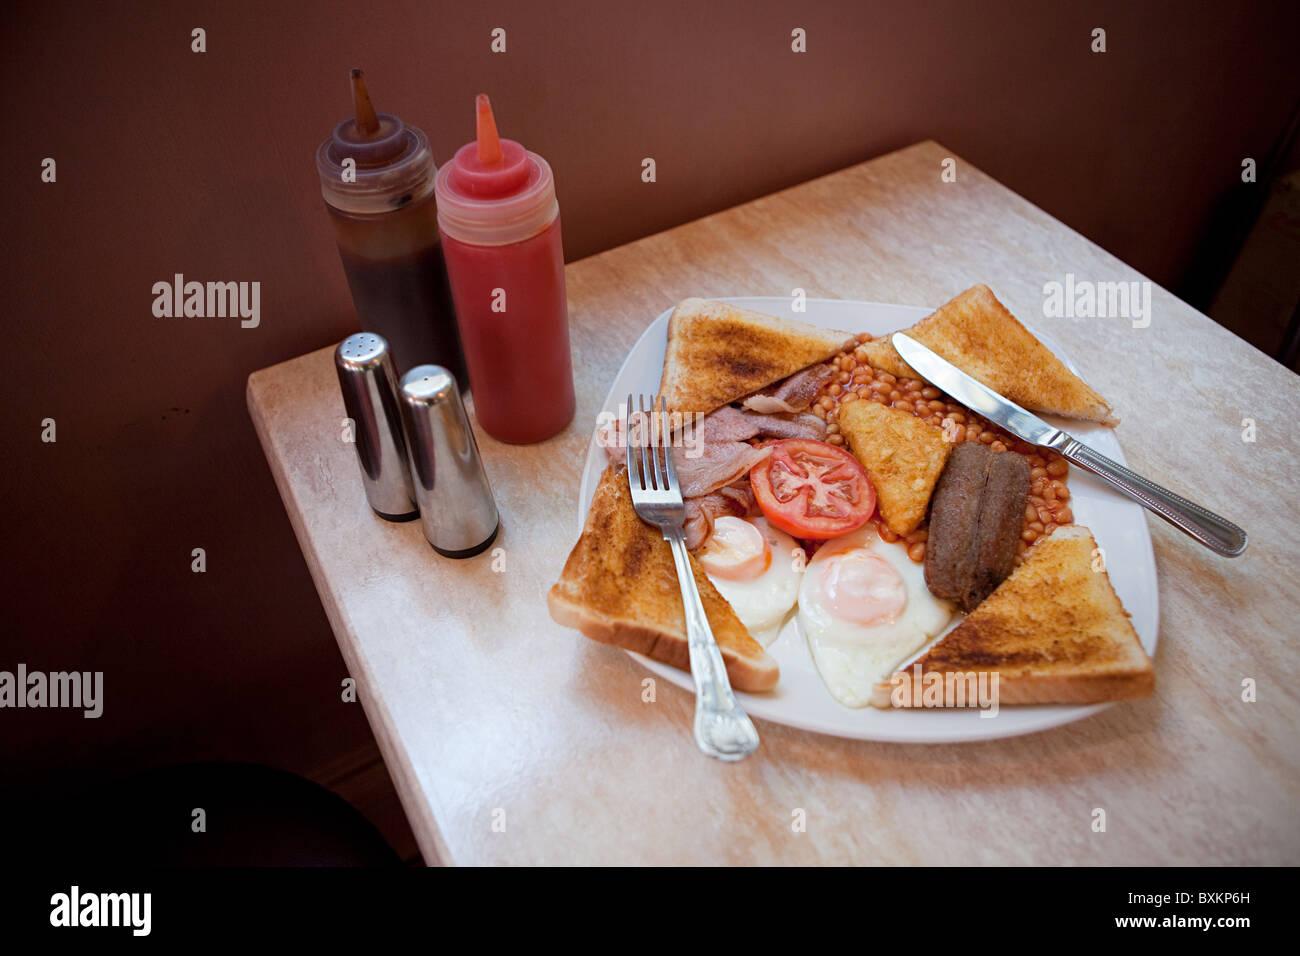 Desayuno inglés sobre una mesita de café Imagen De Stock